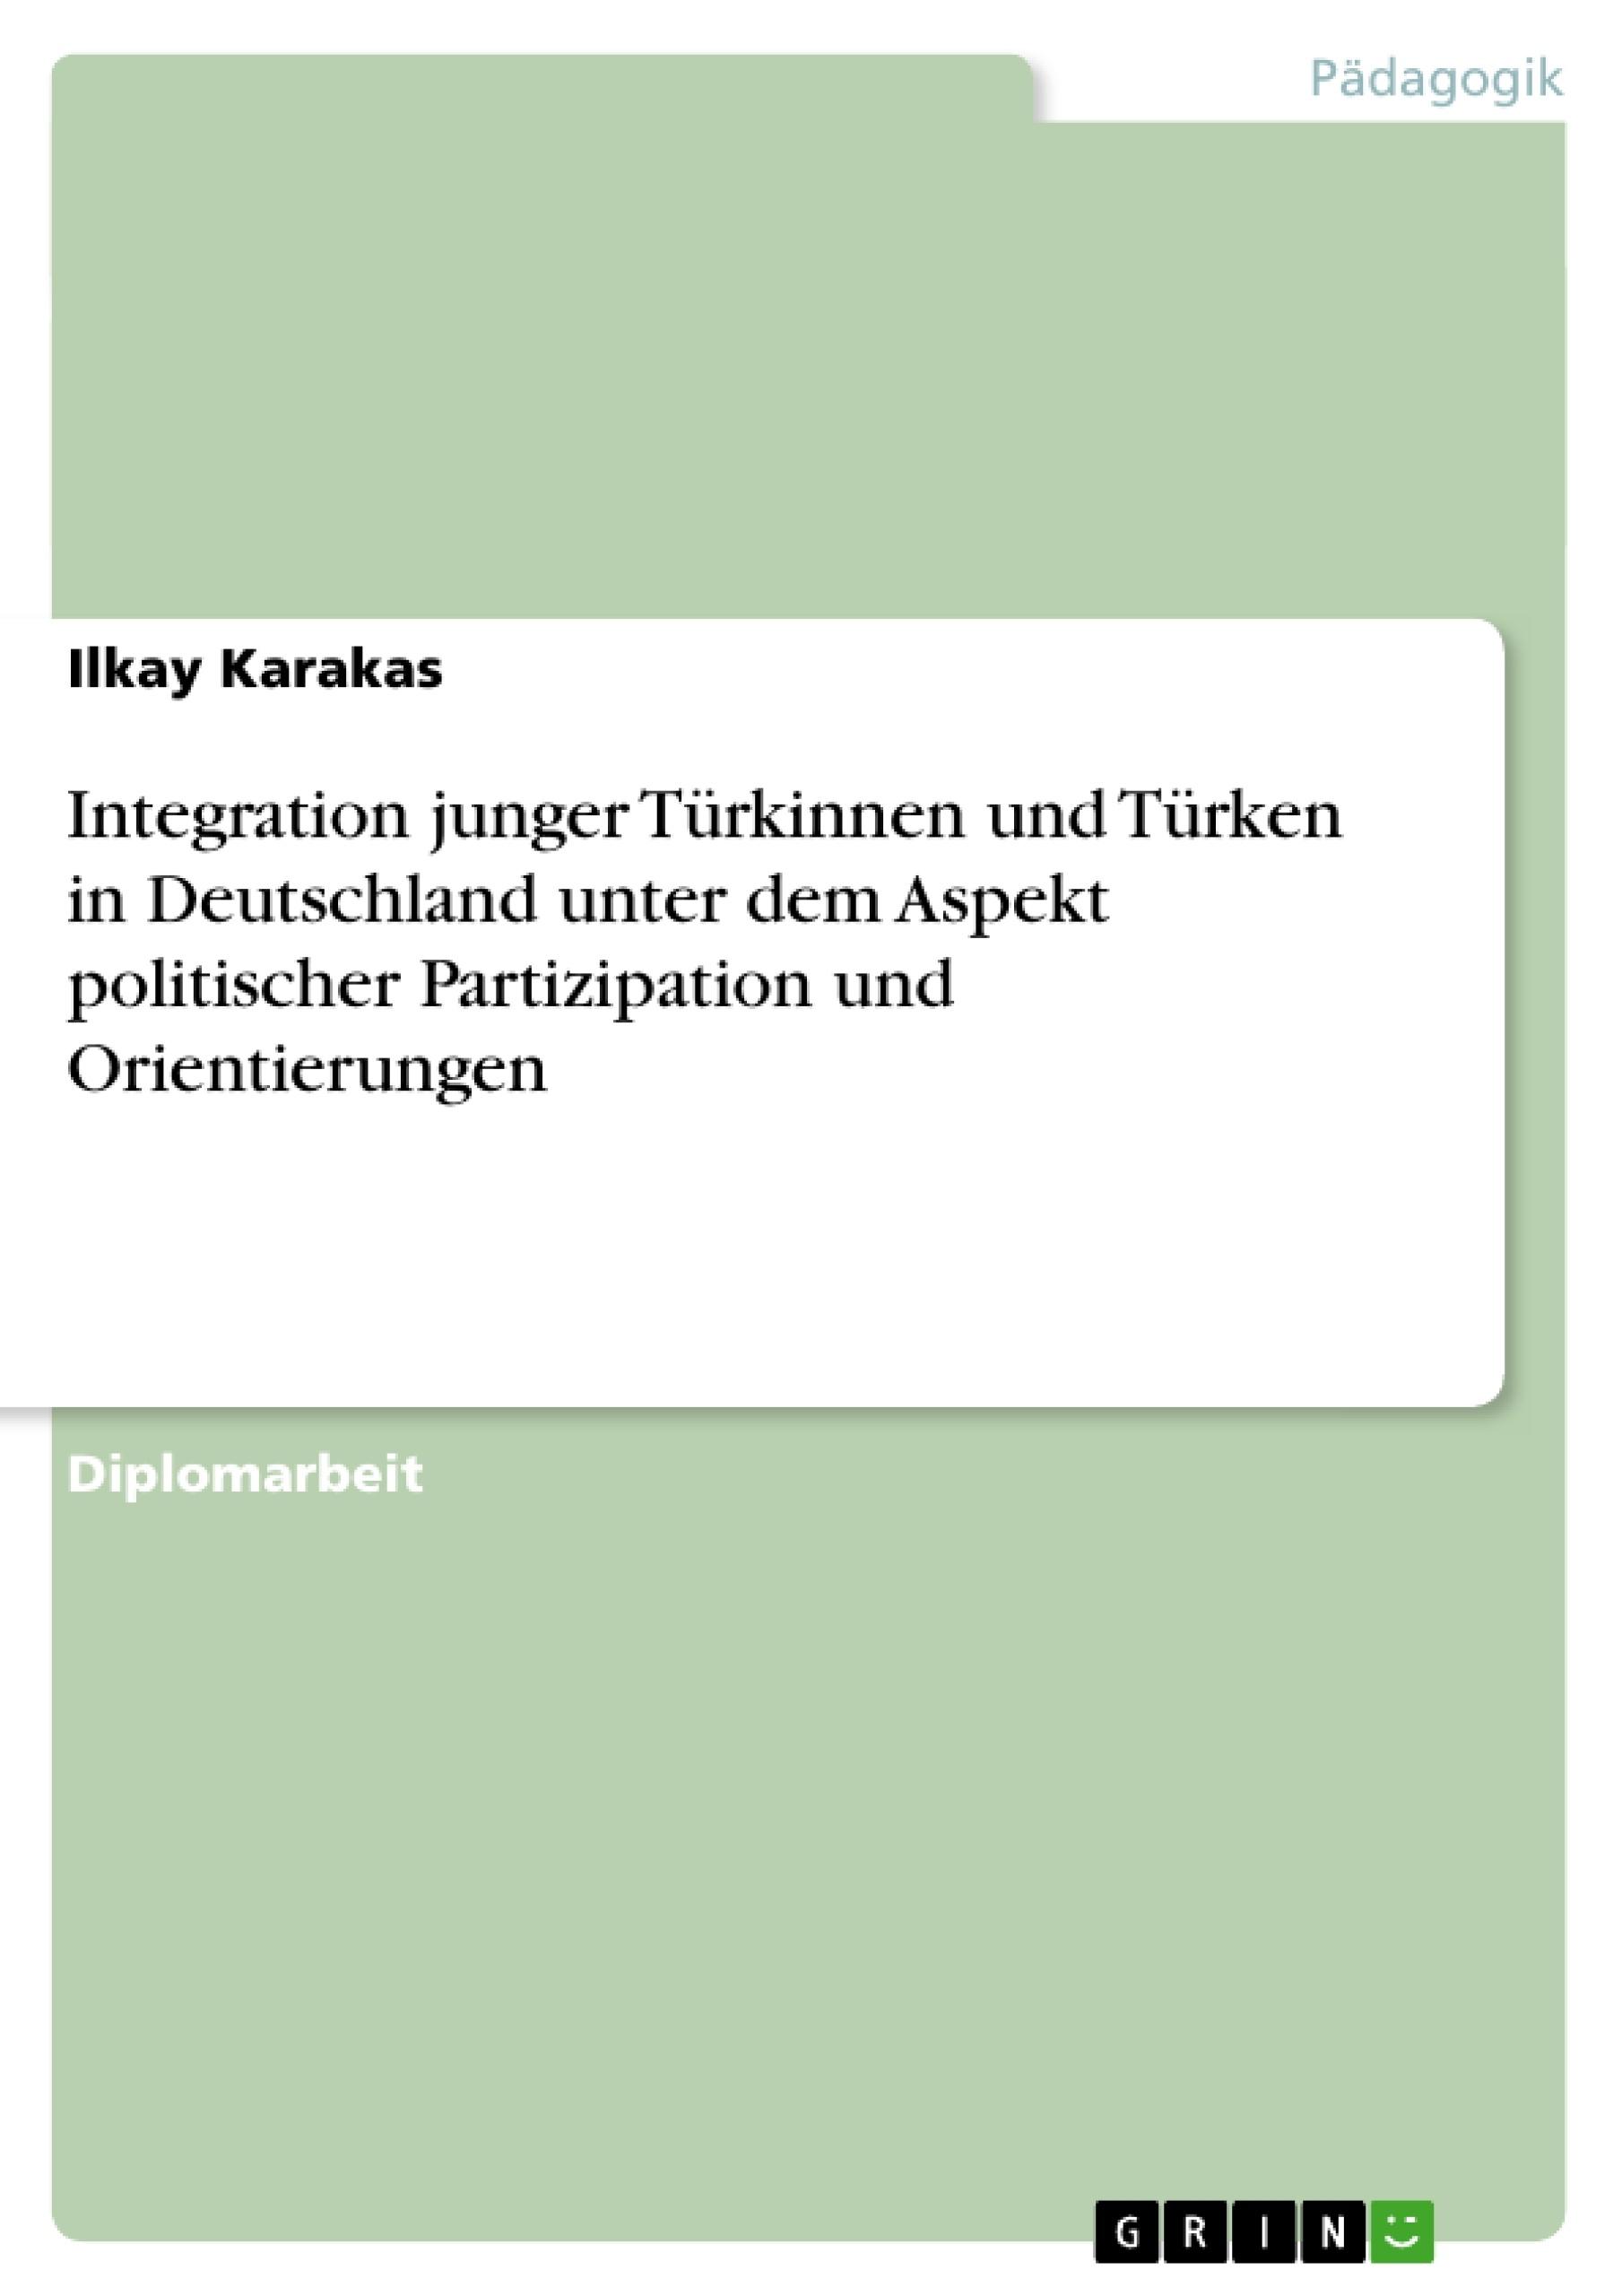 Titel: Integration junger Türkinnen und Türken in Deutschland unter dem Aspekt politischer Partizipation und Orientierungen